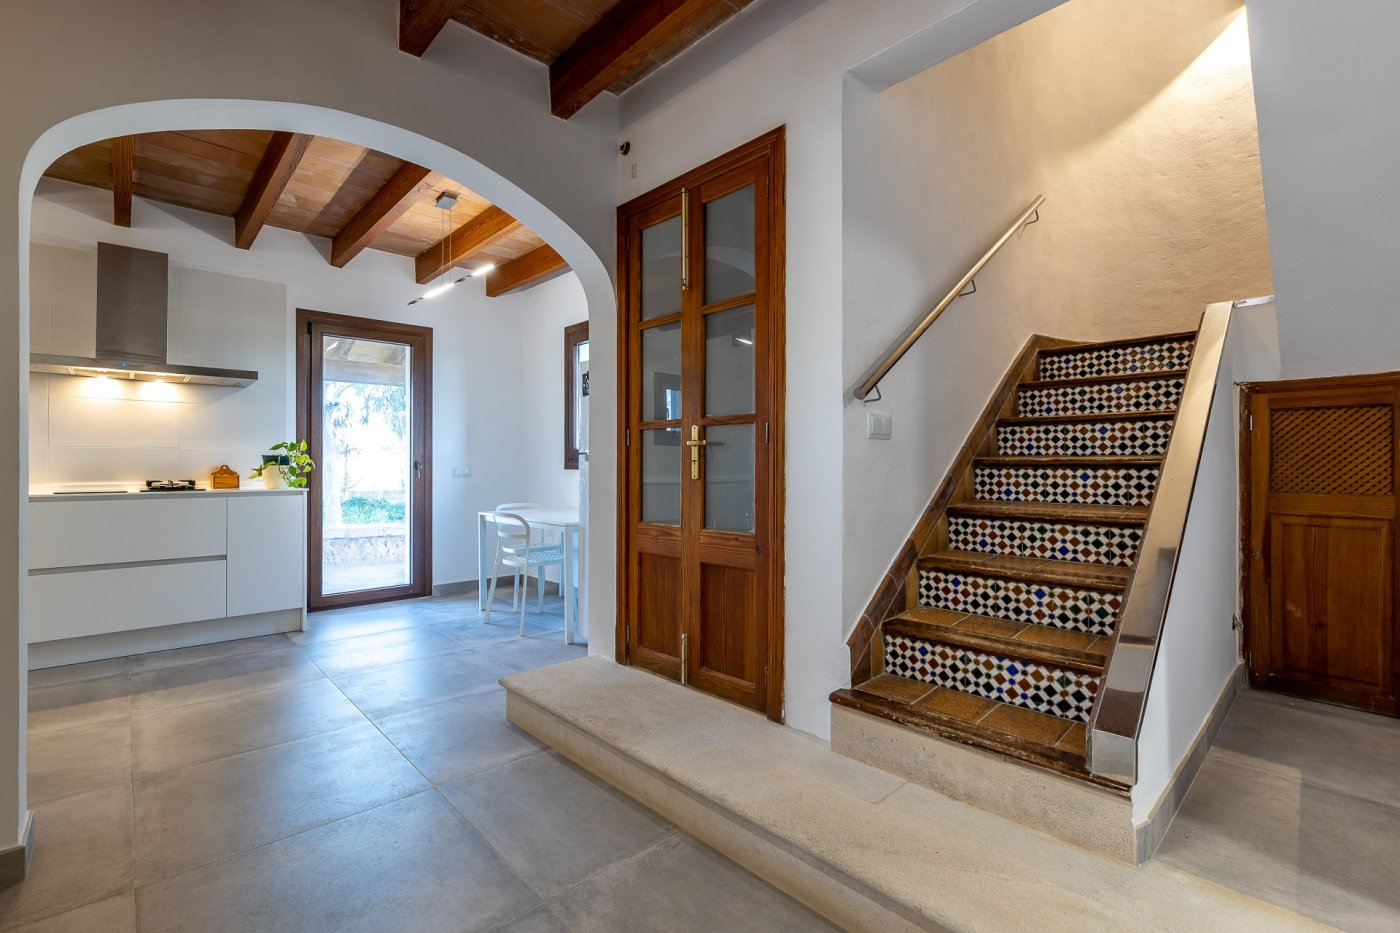 Encantadora finca rÚstica con casa de invitados  en marratxinet - imagenInmueble5